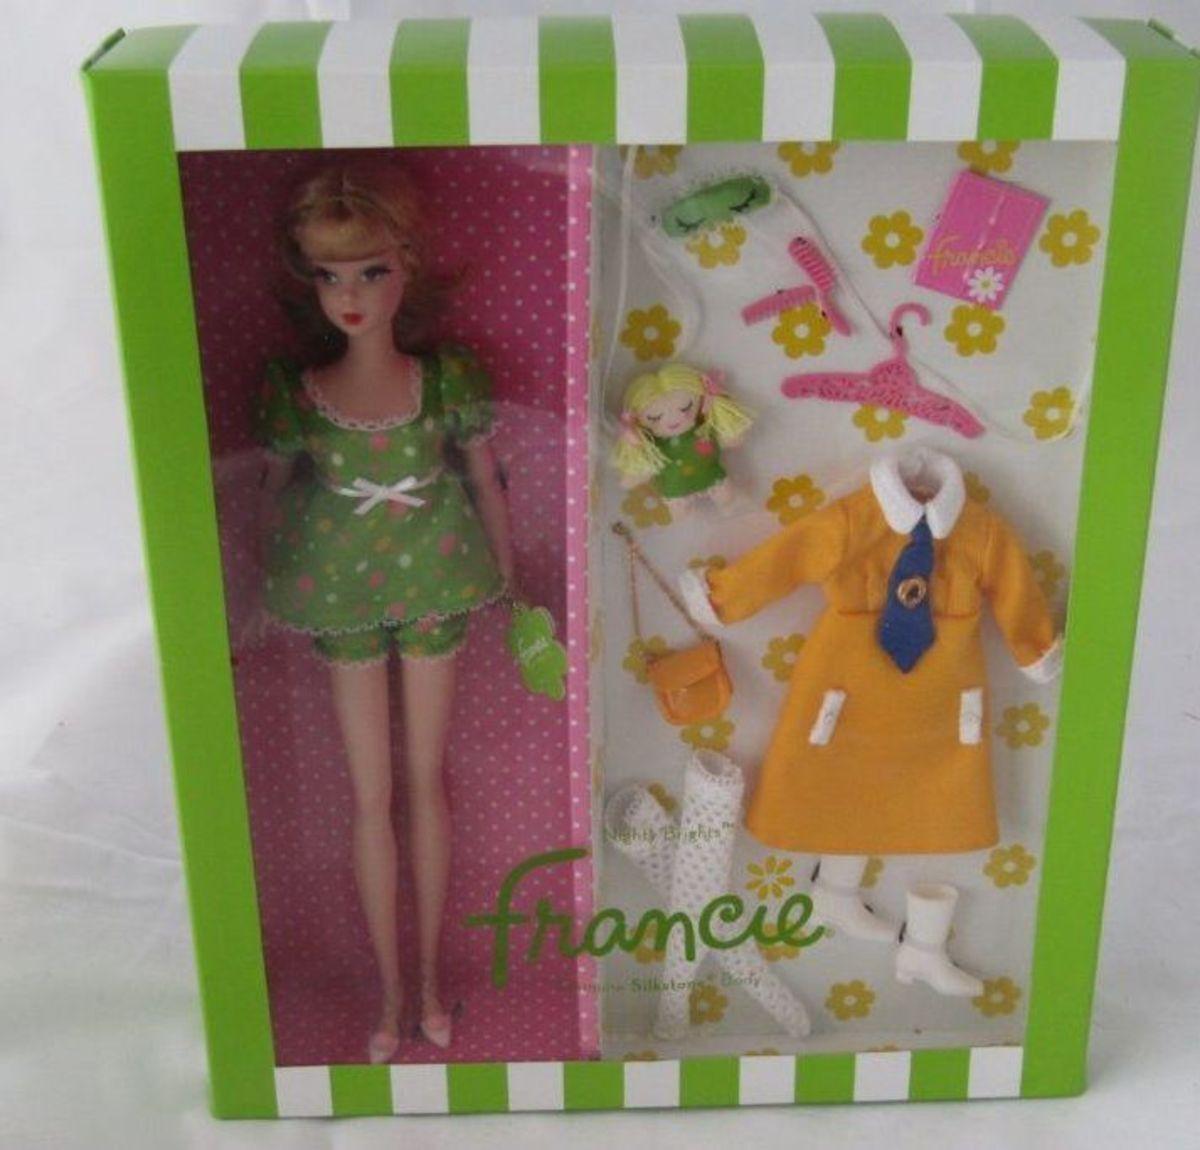 Muñeca Barbie Francie Silkstone con Accesorios (no esta Brillos} Nuevo En Caja